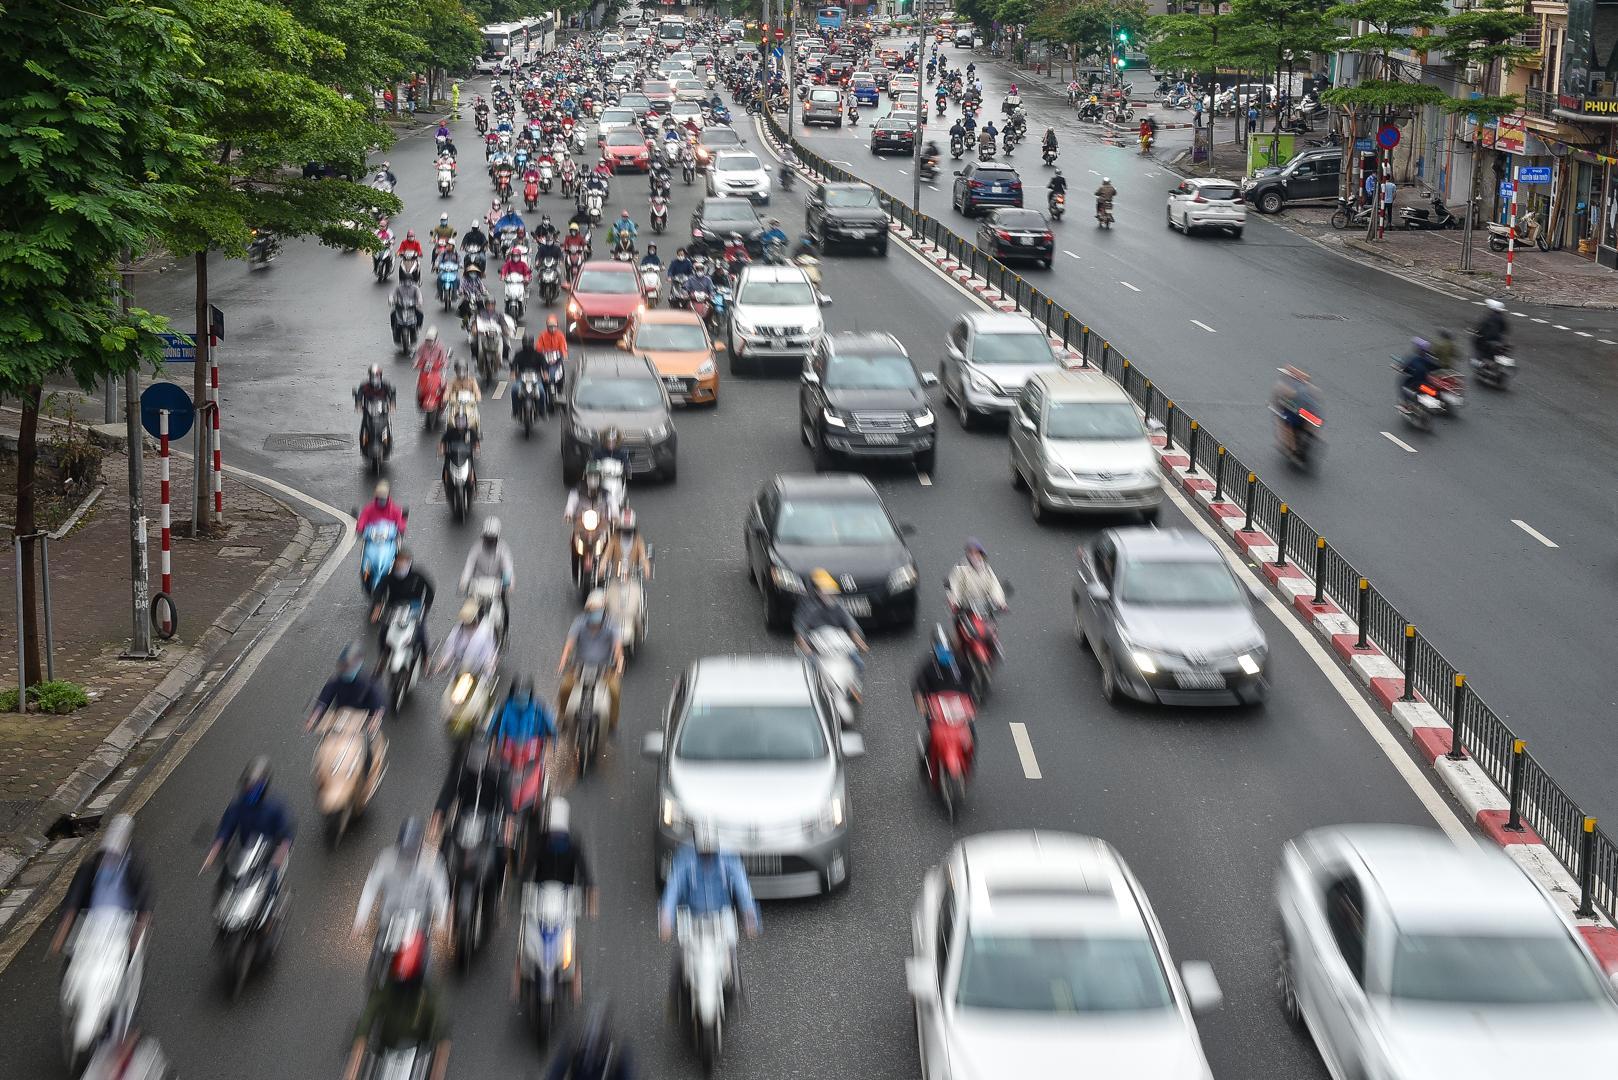 Nhịp sống tại Hà Nội dần trở lại sau nới lỏng cách ly xã hội Ảnh 1